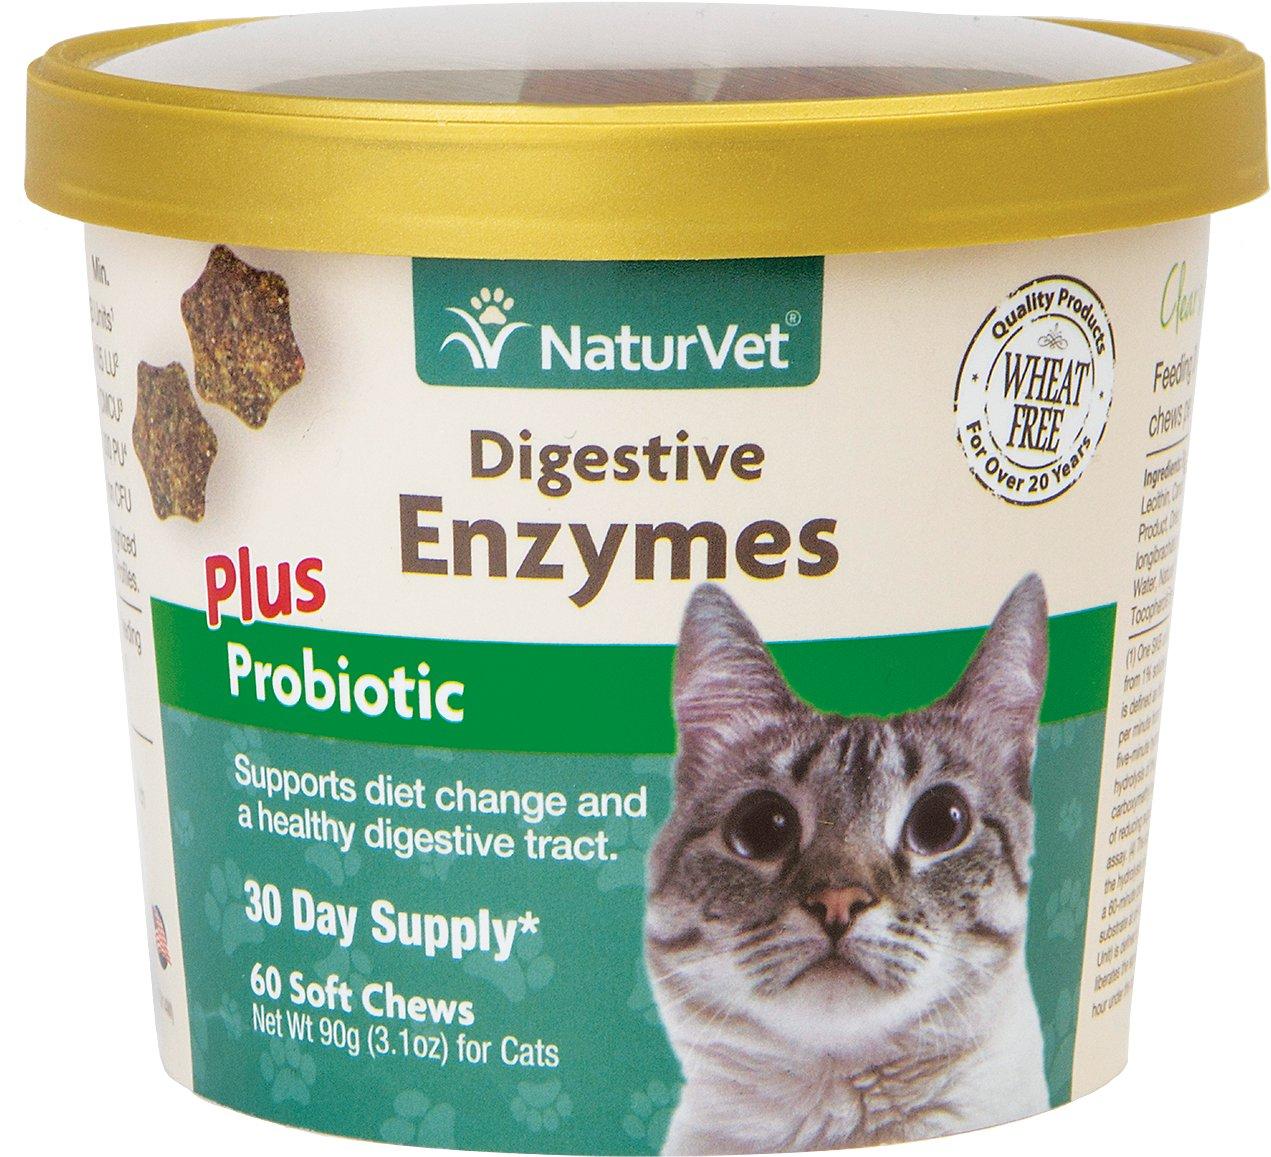 NaturVet Digestive Enzymes Plus Probiotics Cat Soft Chews, 60-count